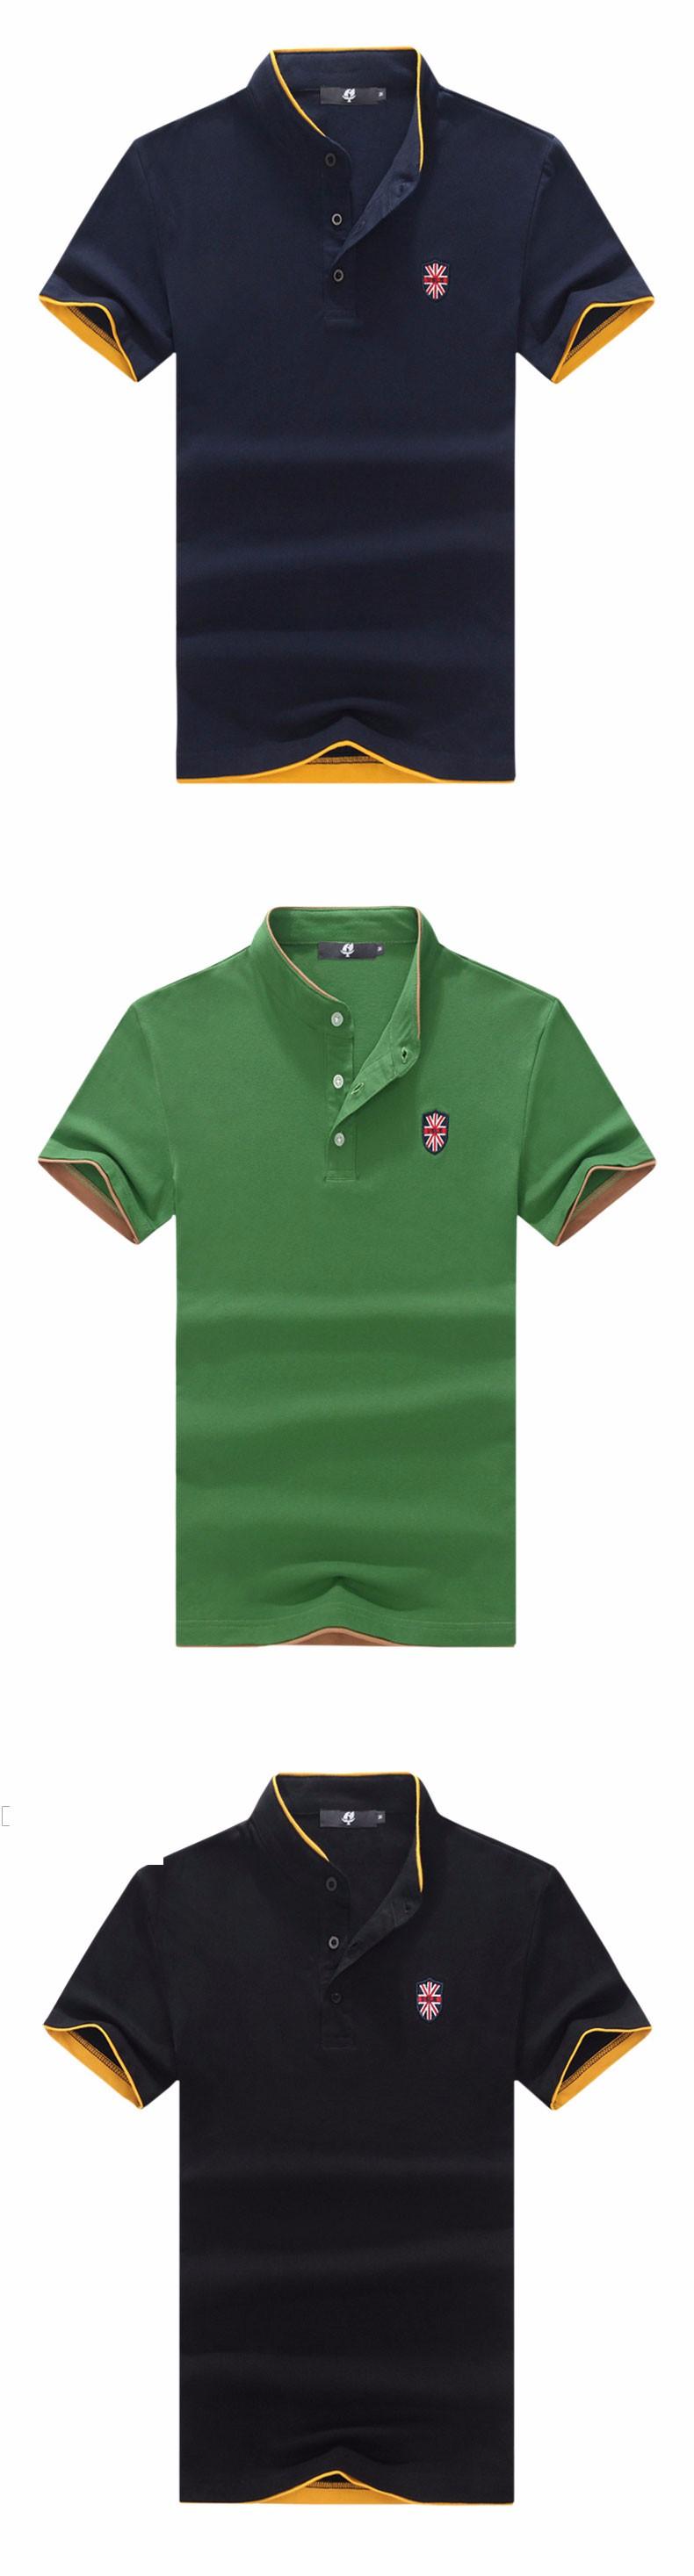 polo-shirt-197170-02